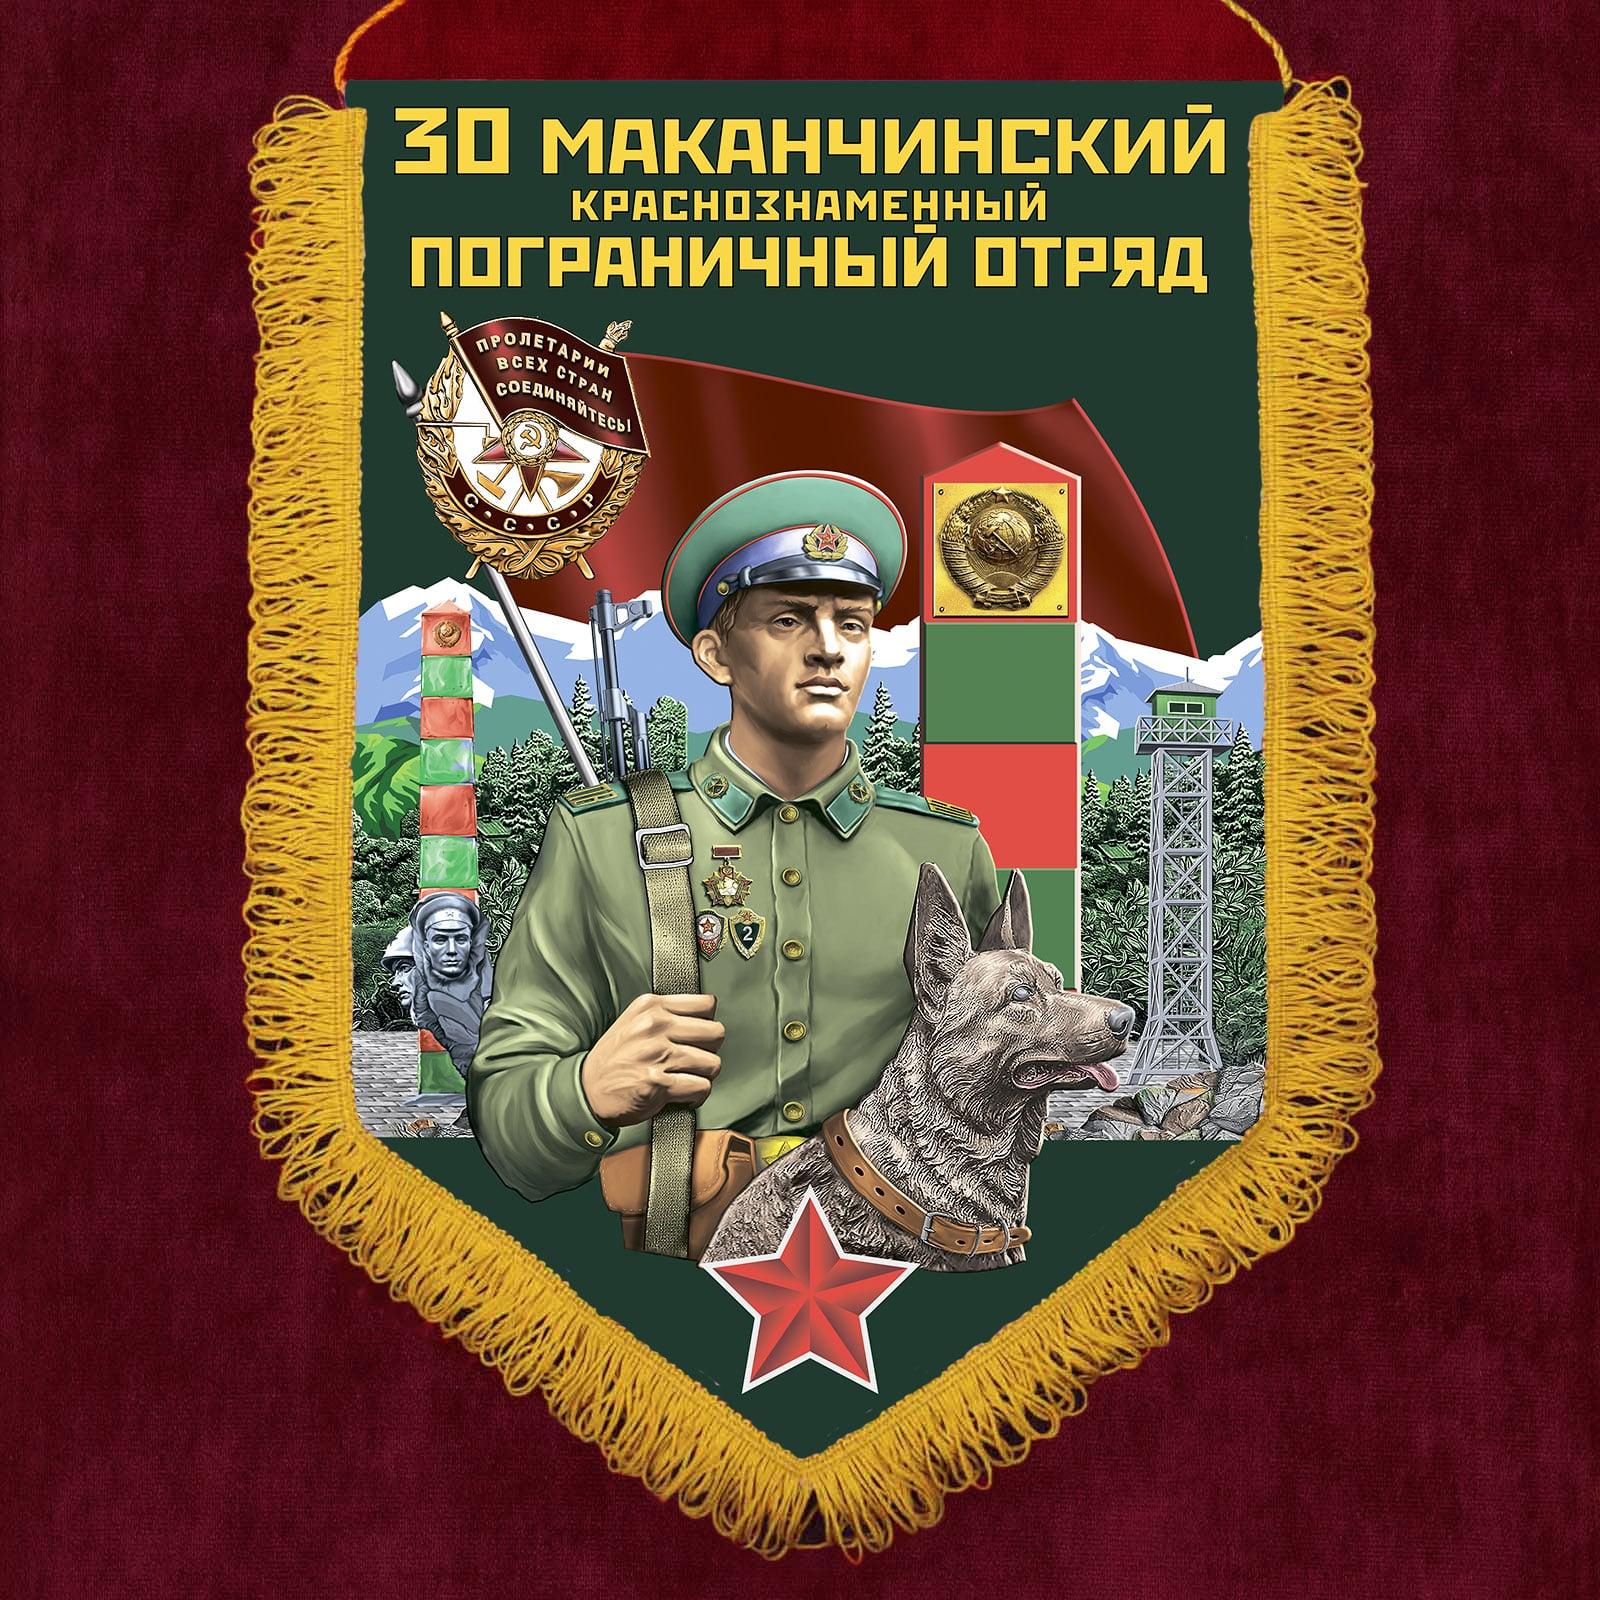 """Памятный вымпел """"30 Маканчинский пограничный отряд"""""""